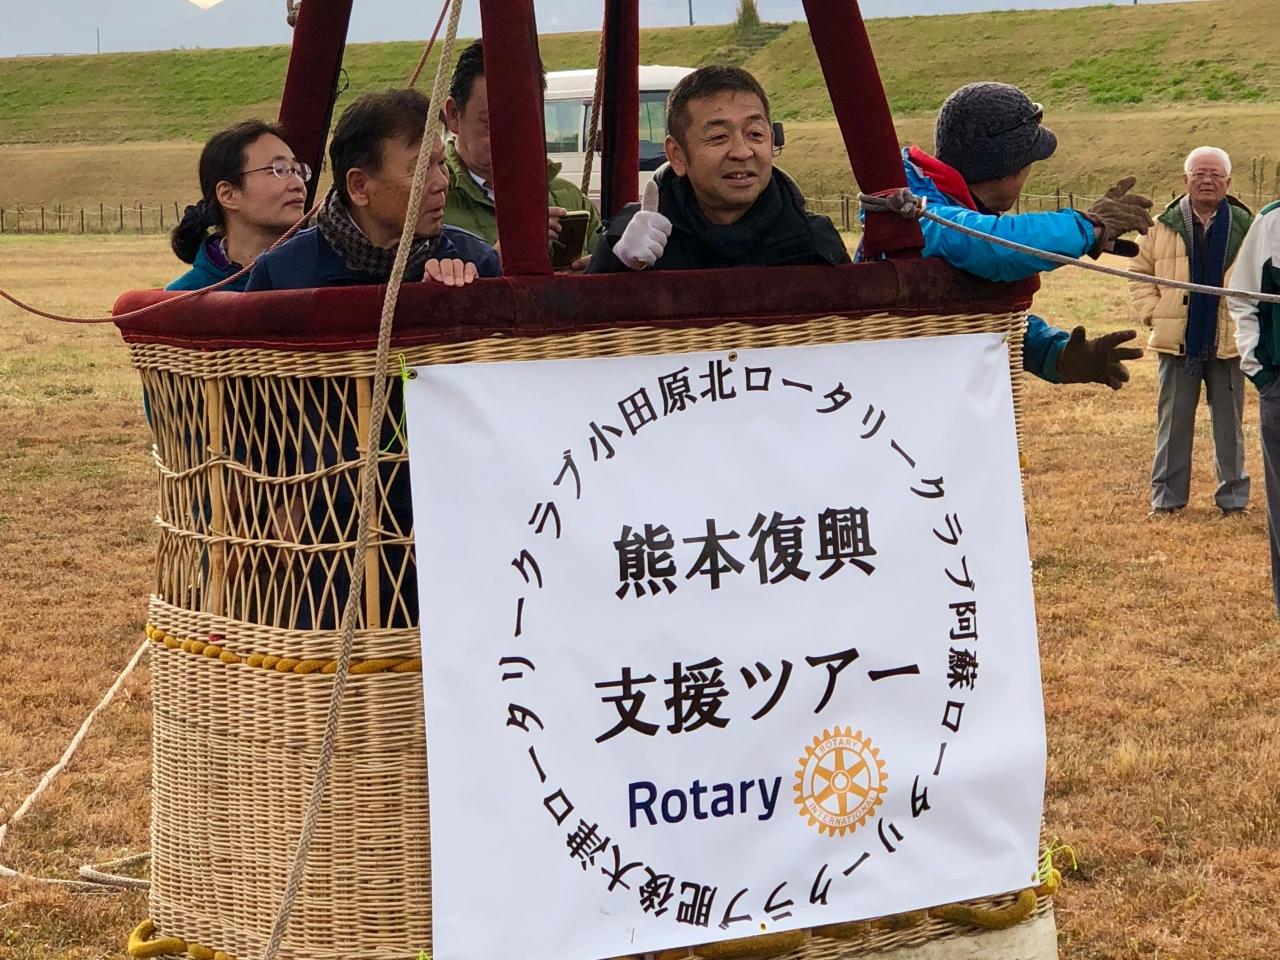 熊本復興支援プロジェクト視察